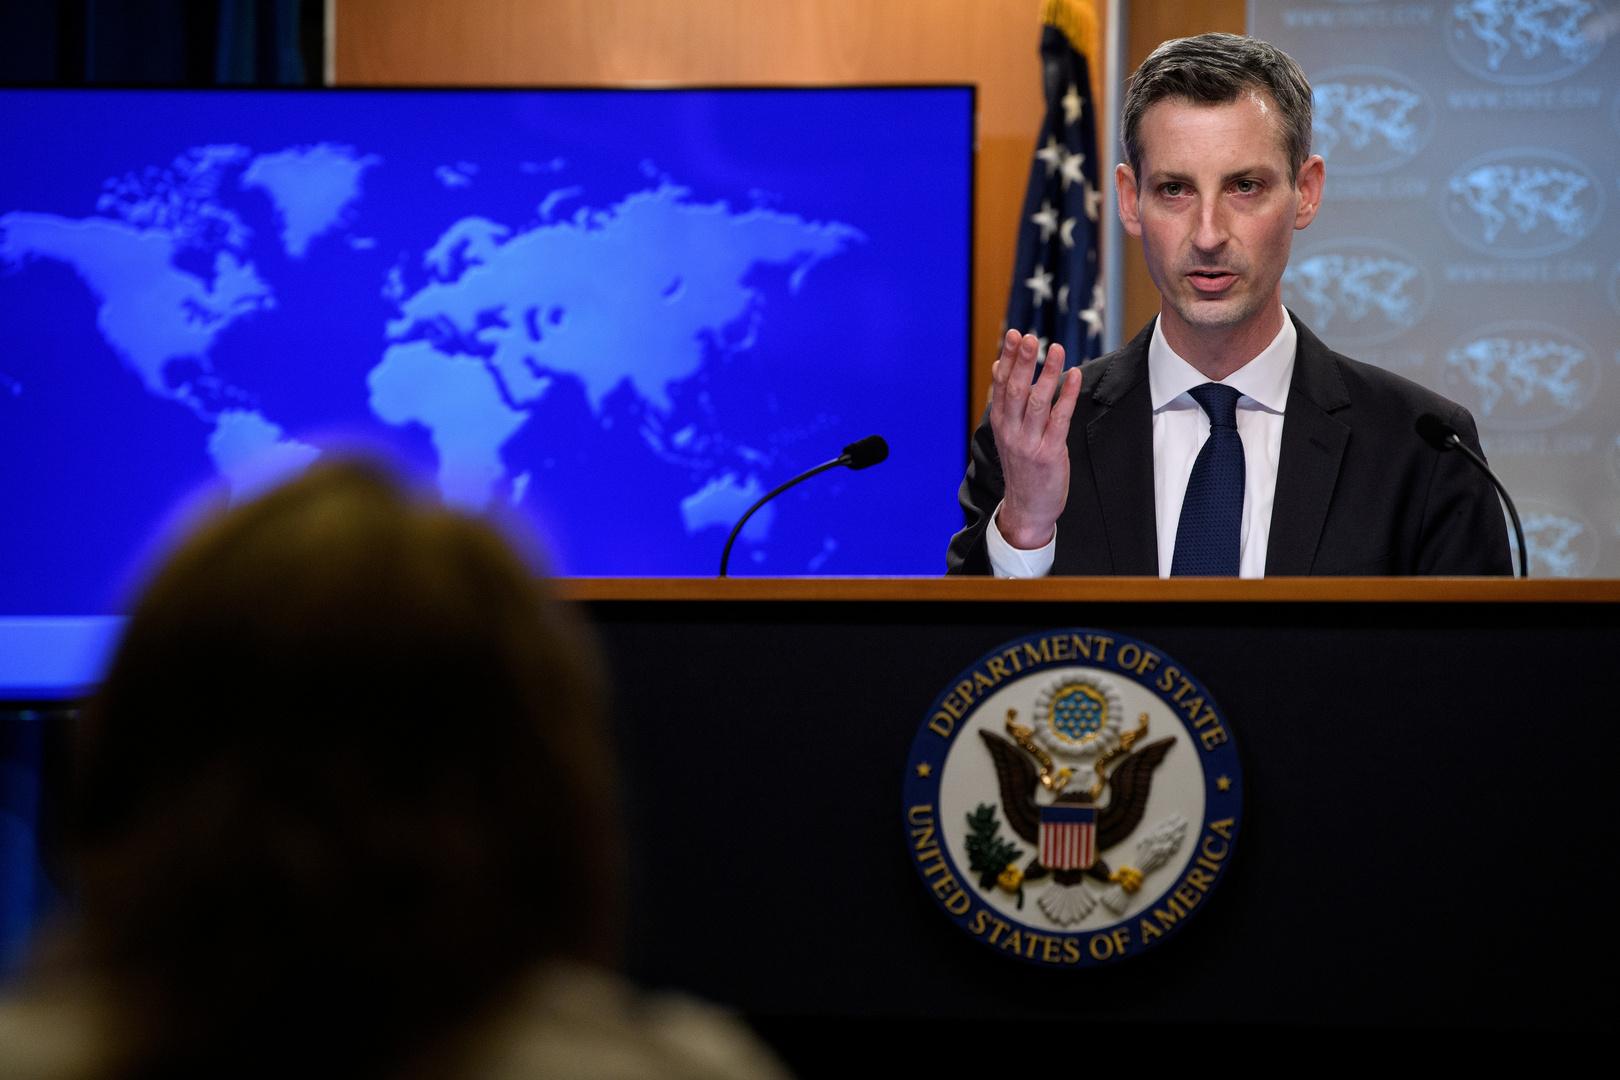 الخارجية الأمريكية تدين حكم القضاء الروسي بسجن عضوين من